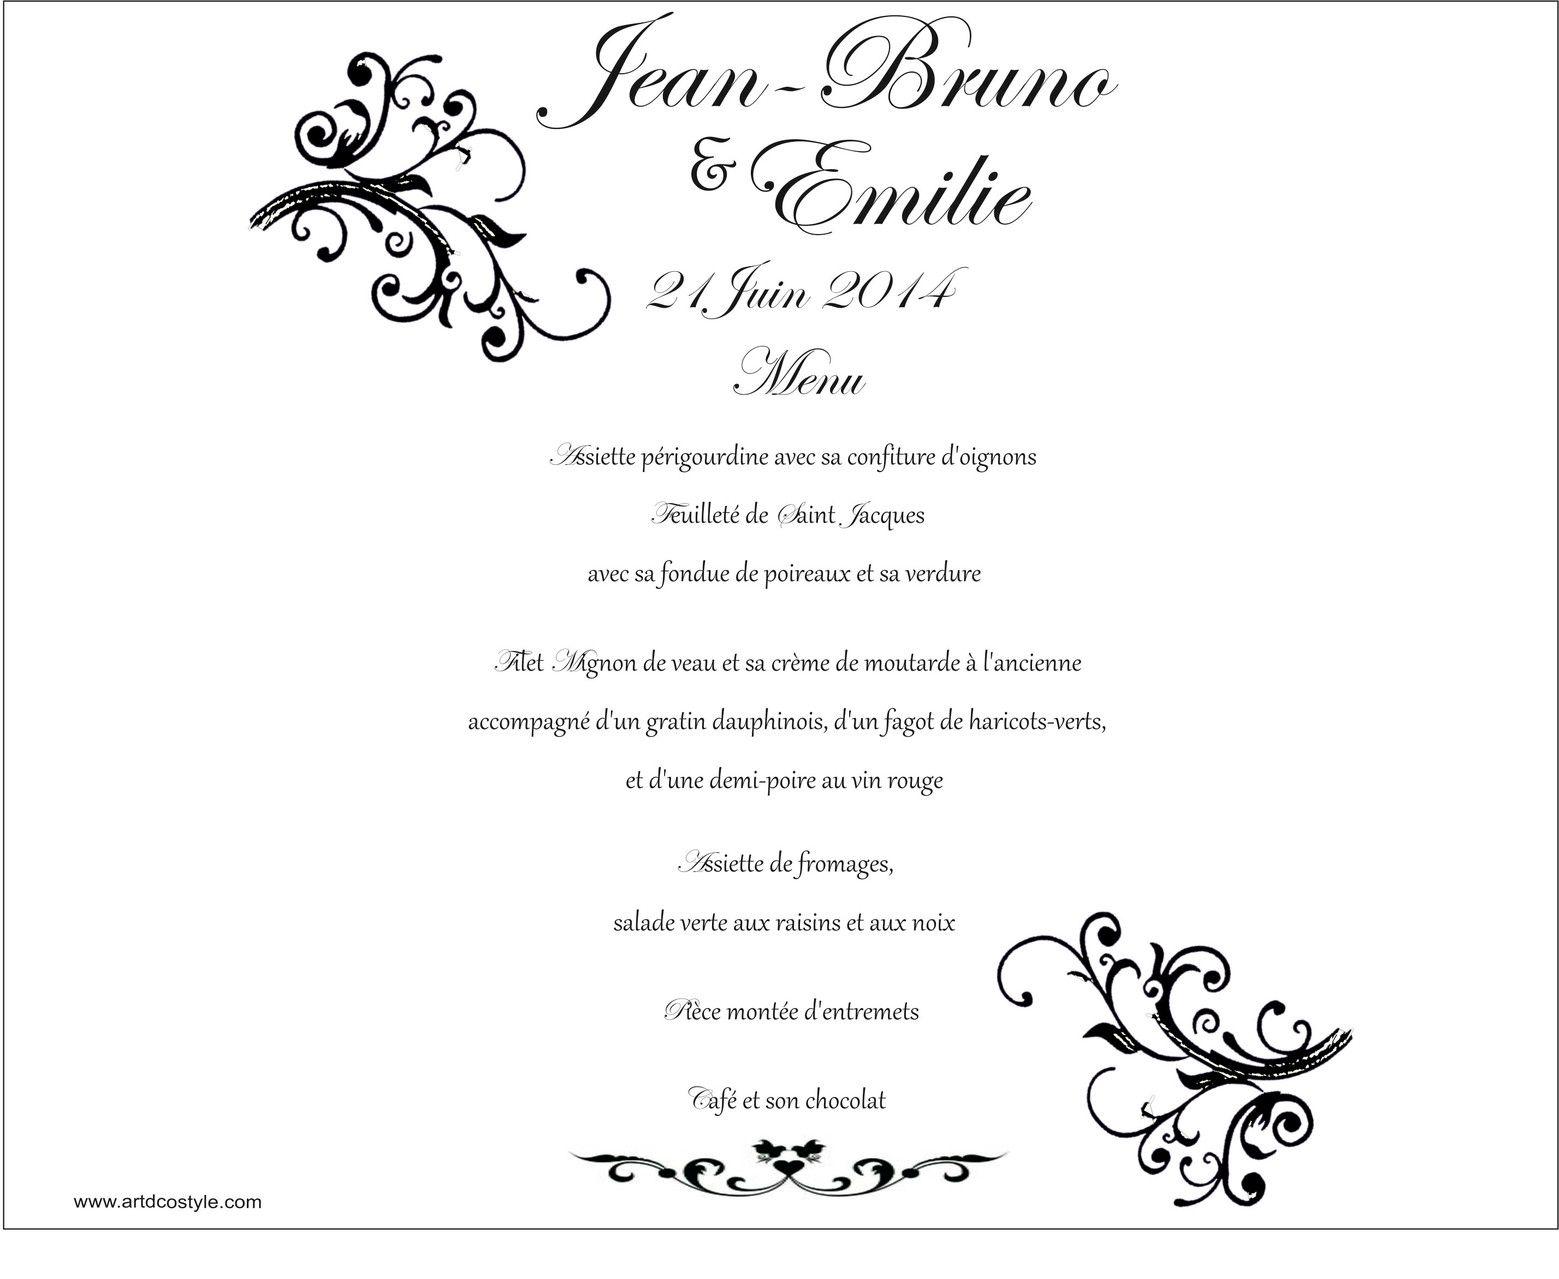 menu photophore mariage menu photophore pas cher menu photophore mariage pas cher menu. Black Bedroom Furniture Sets. Home Design Ideas